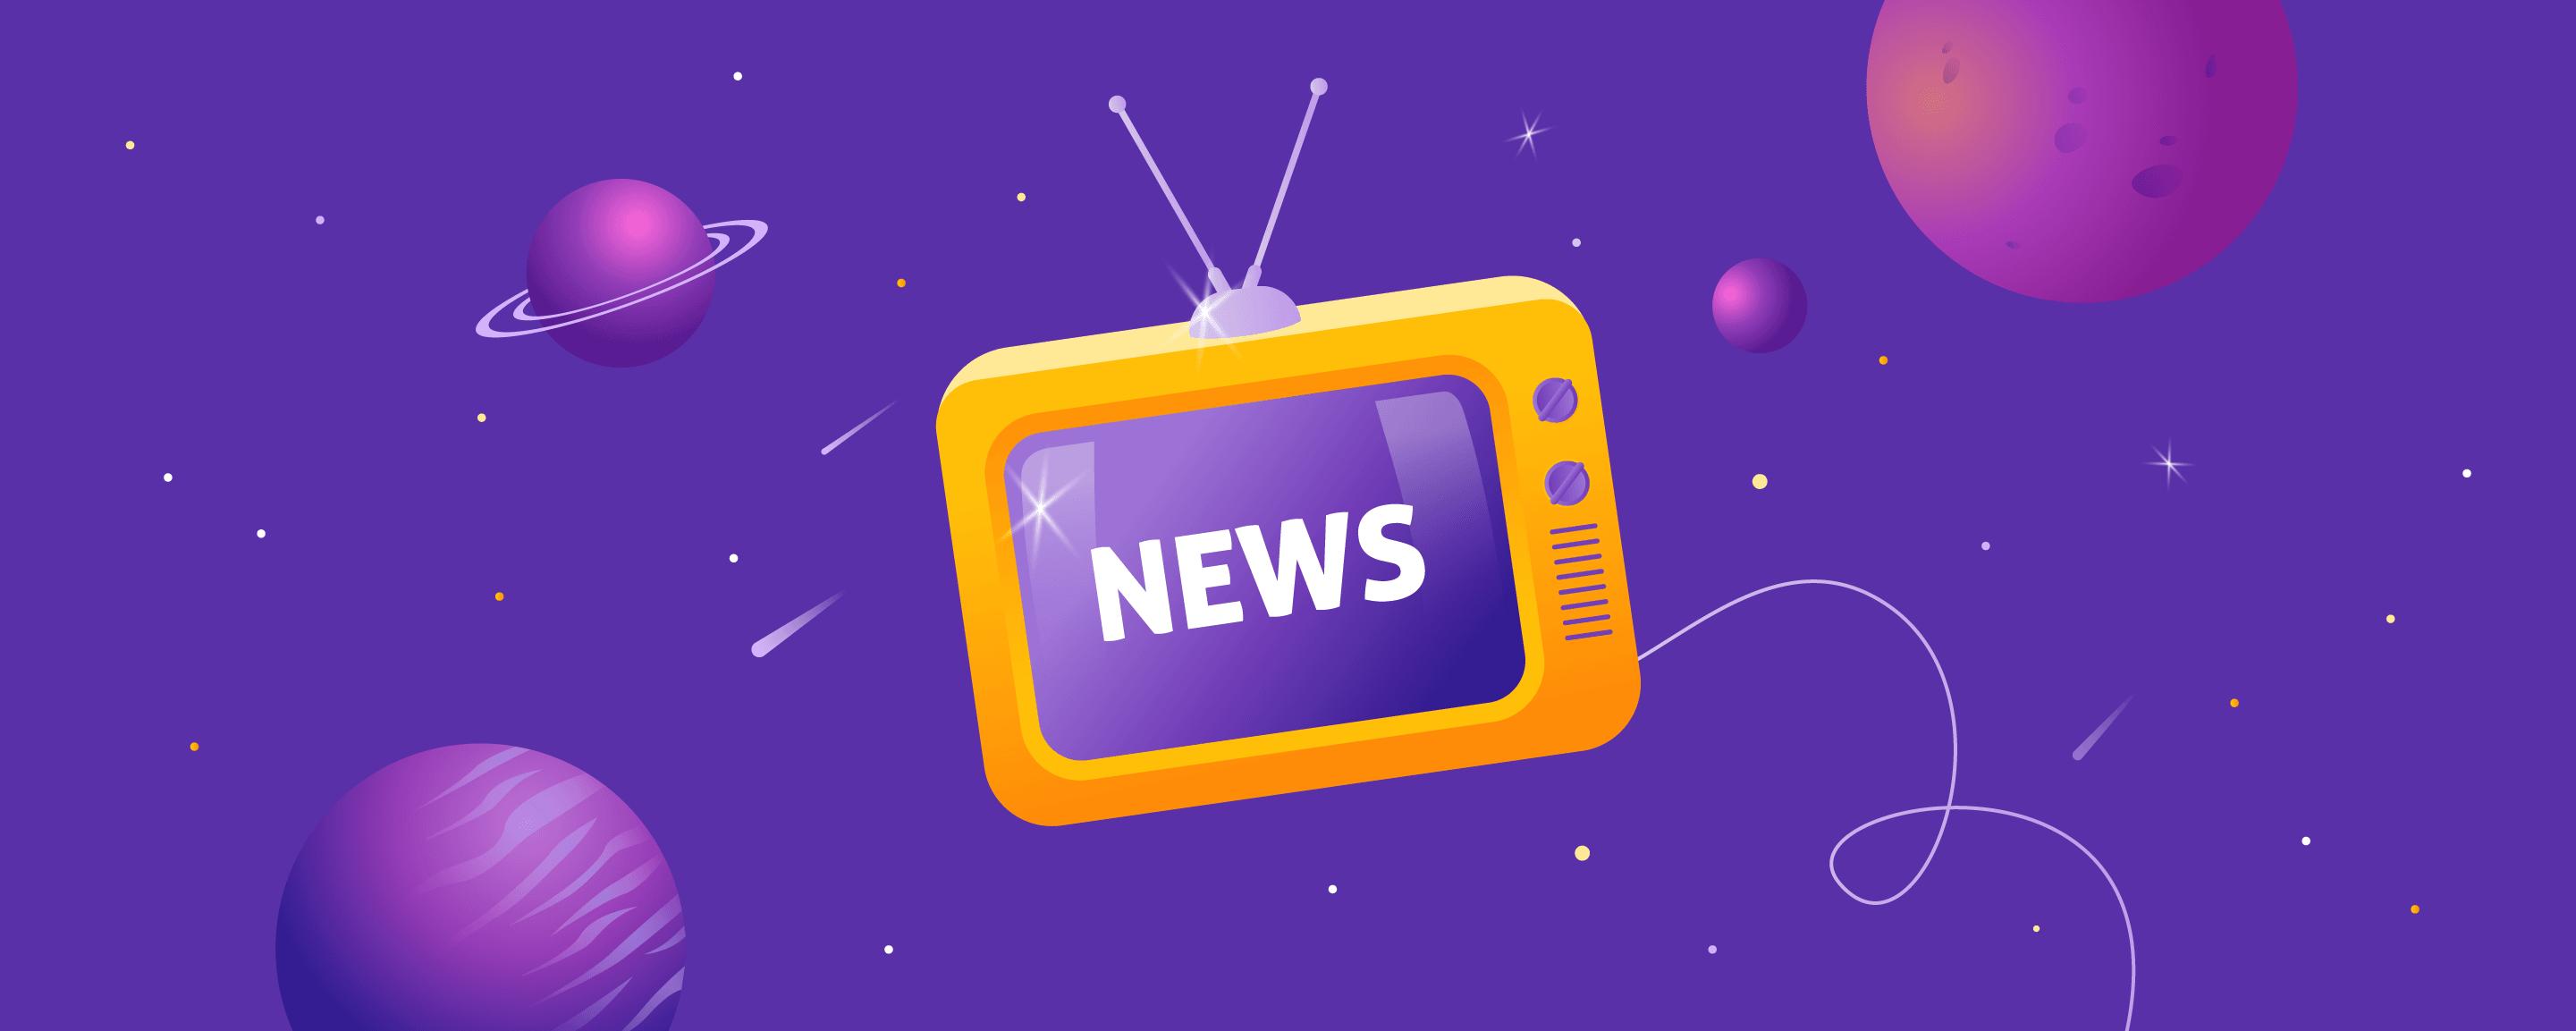 Новости ecommerce: примерка онлайн, оплата через месяц, подарки от AliExpress